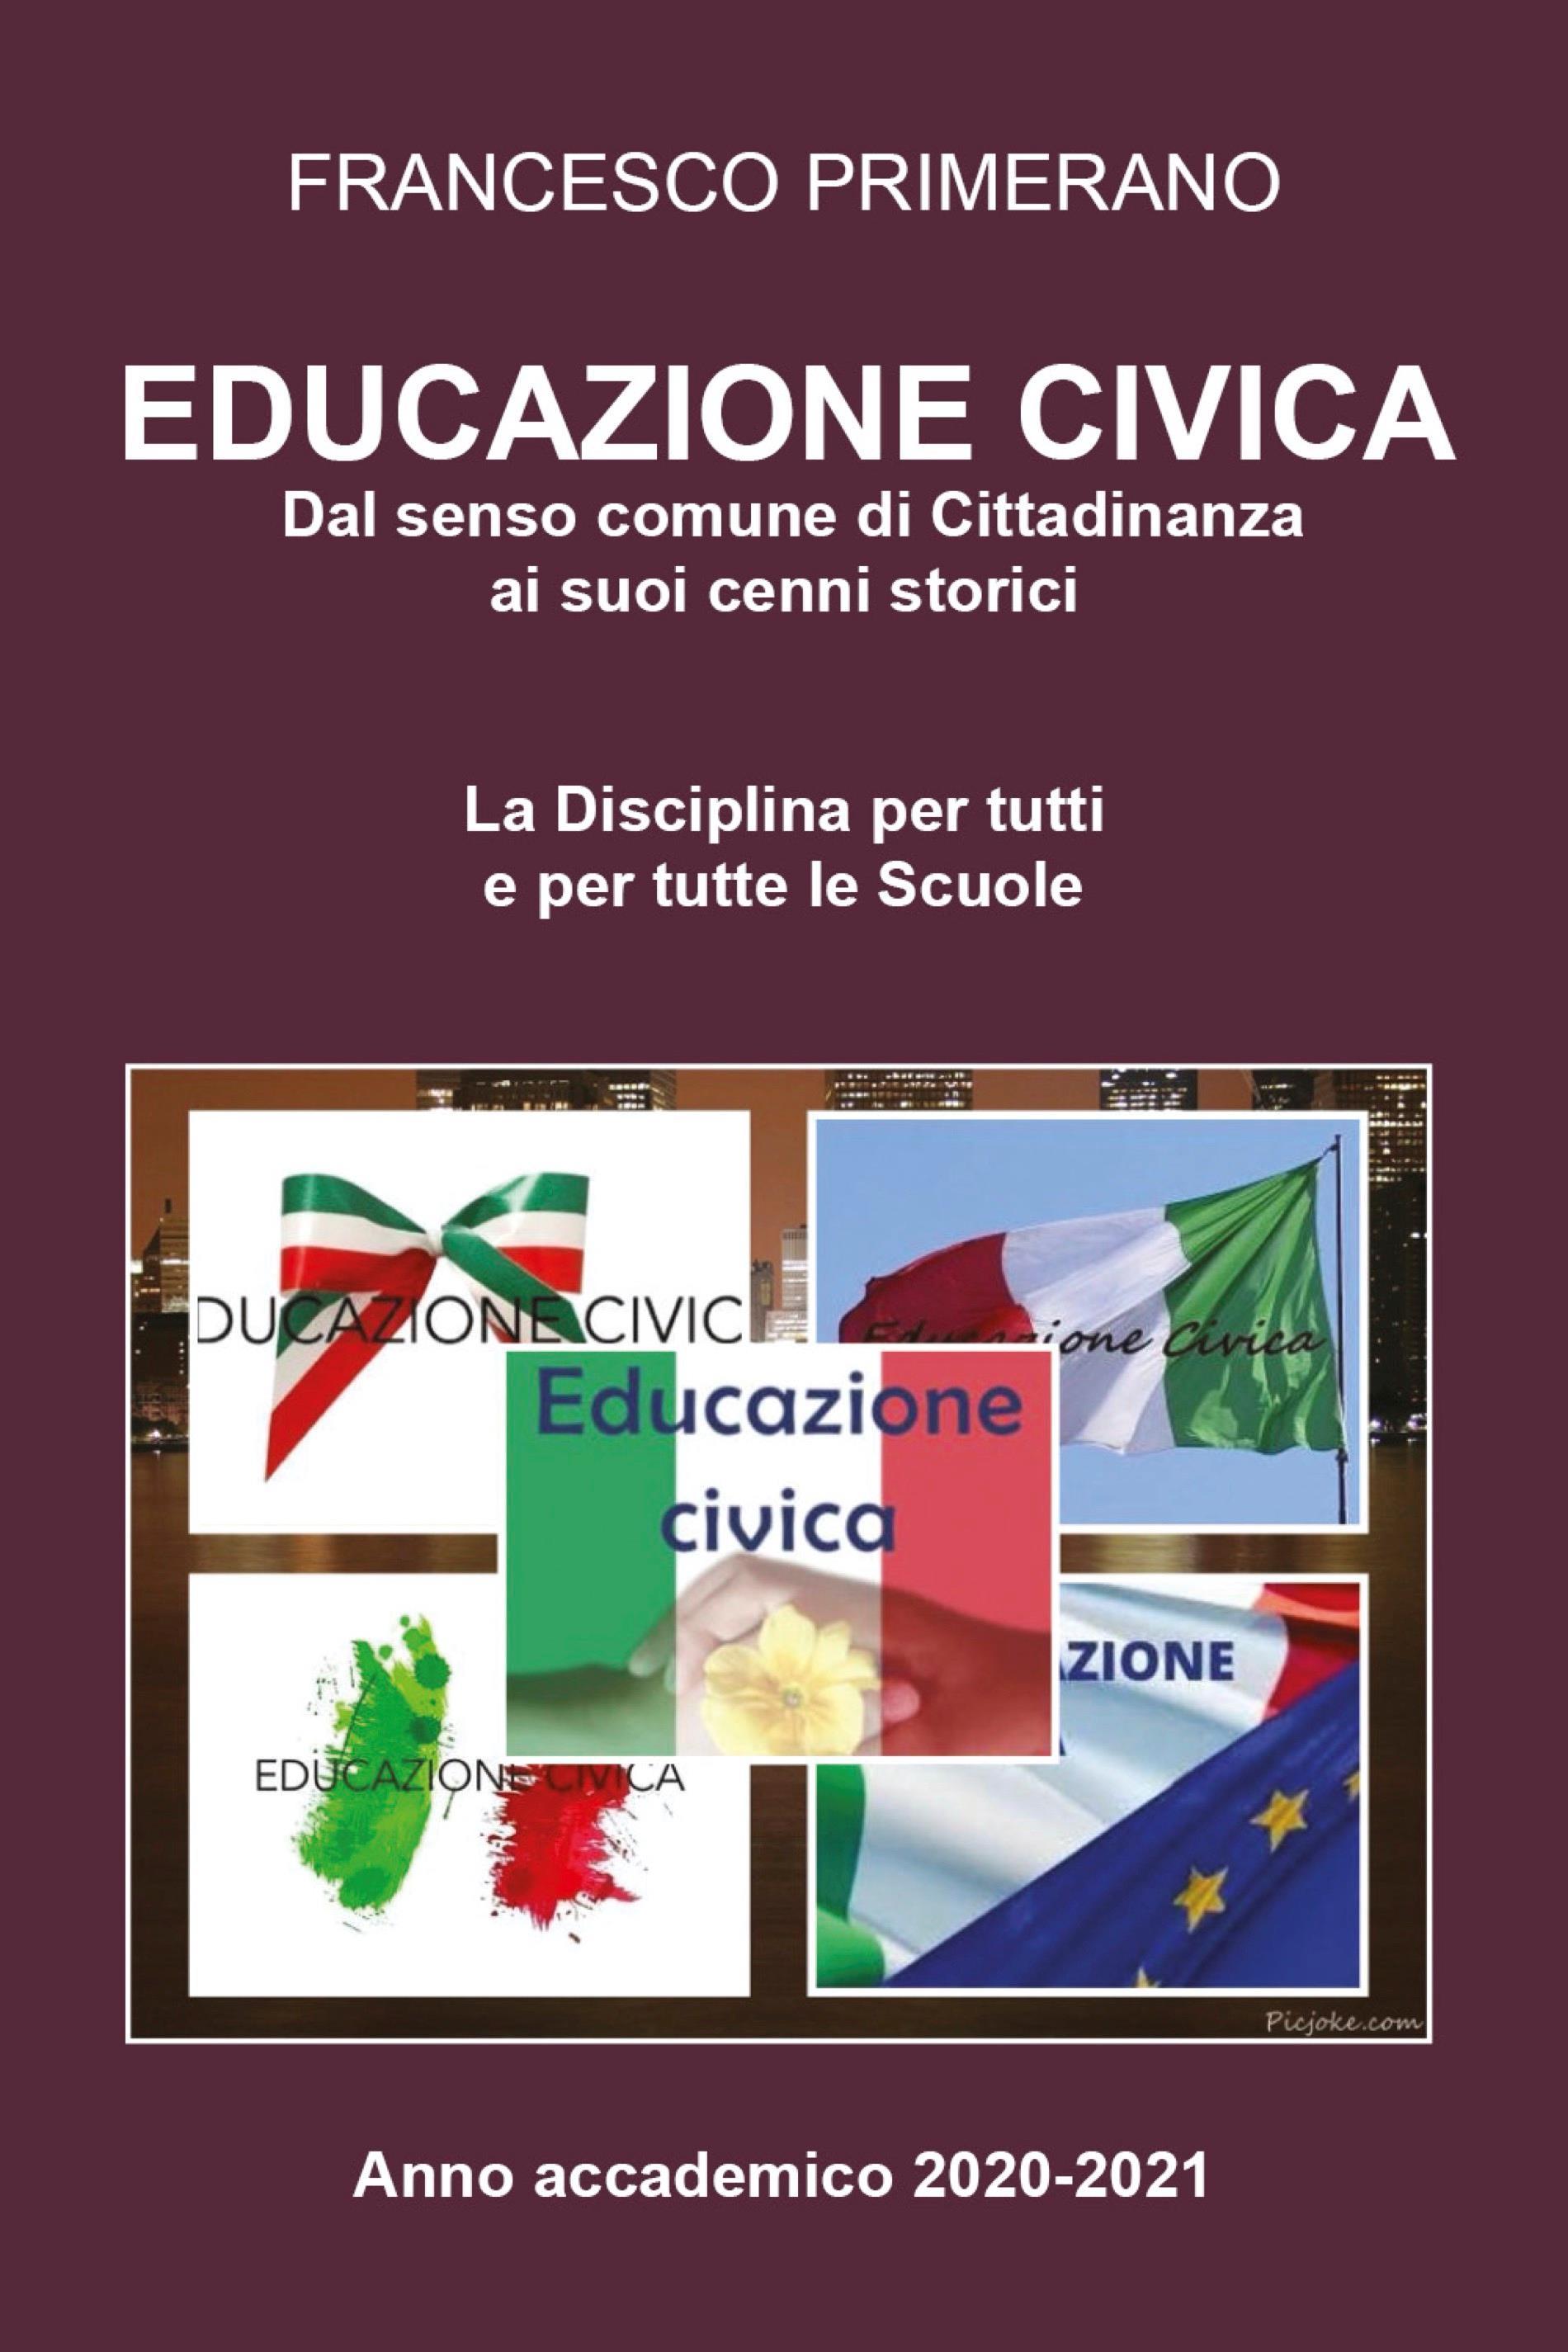 Educazione Civica: Dal senso comune di Cittadinanza ai suoi cenni storici